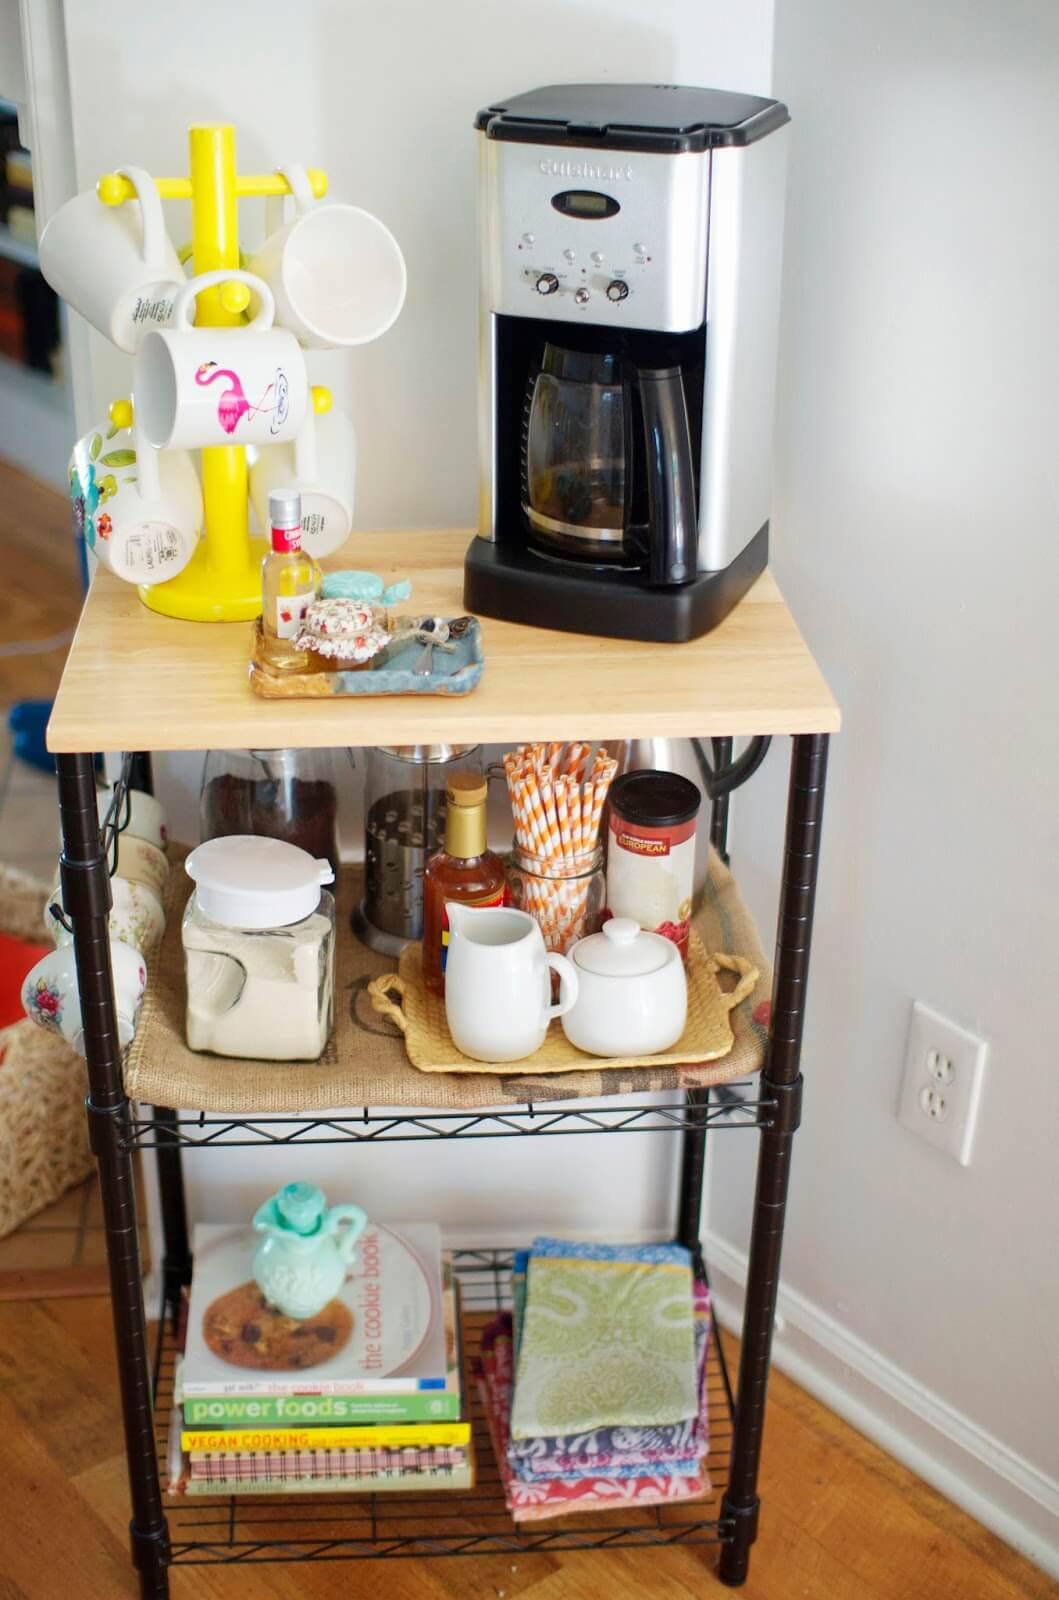 Кофе-бар: идеи создания кофейной станции дома фото 4